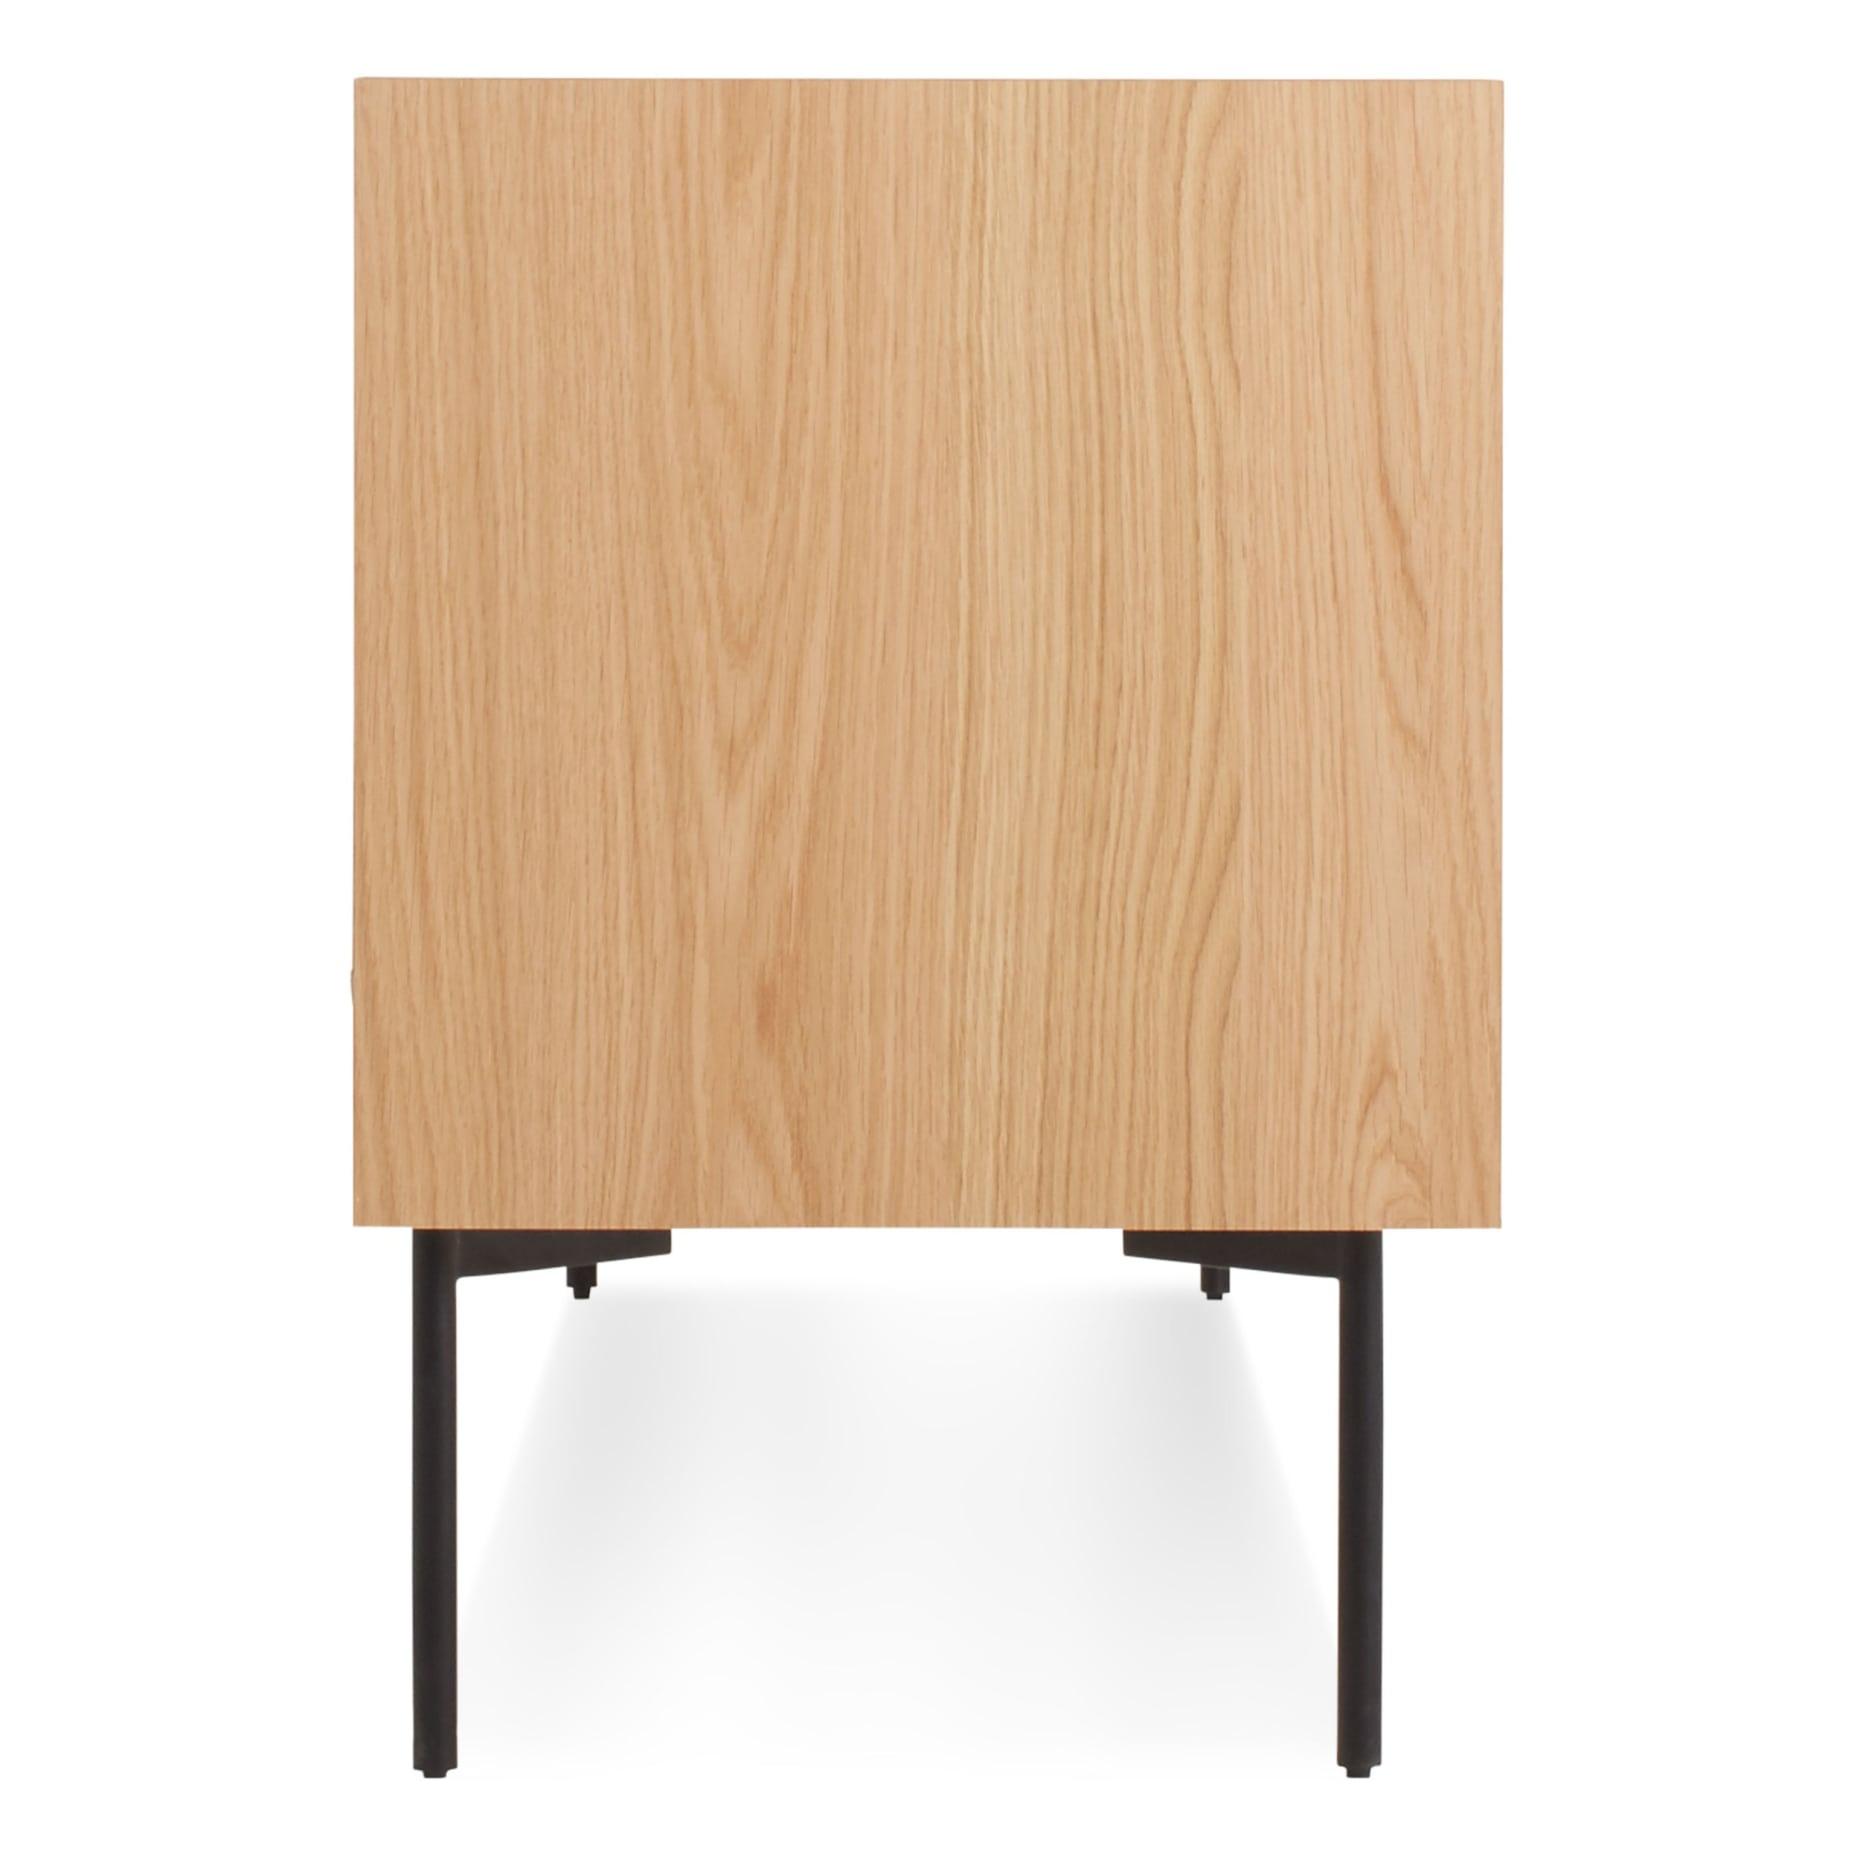 ek1 2d2drw wo side peek 2 door 2 drawer console white oak 1